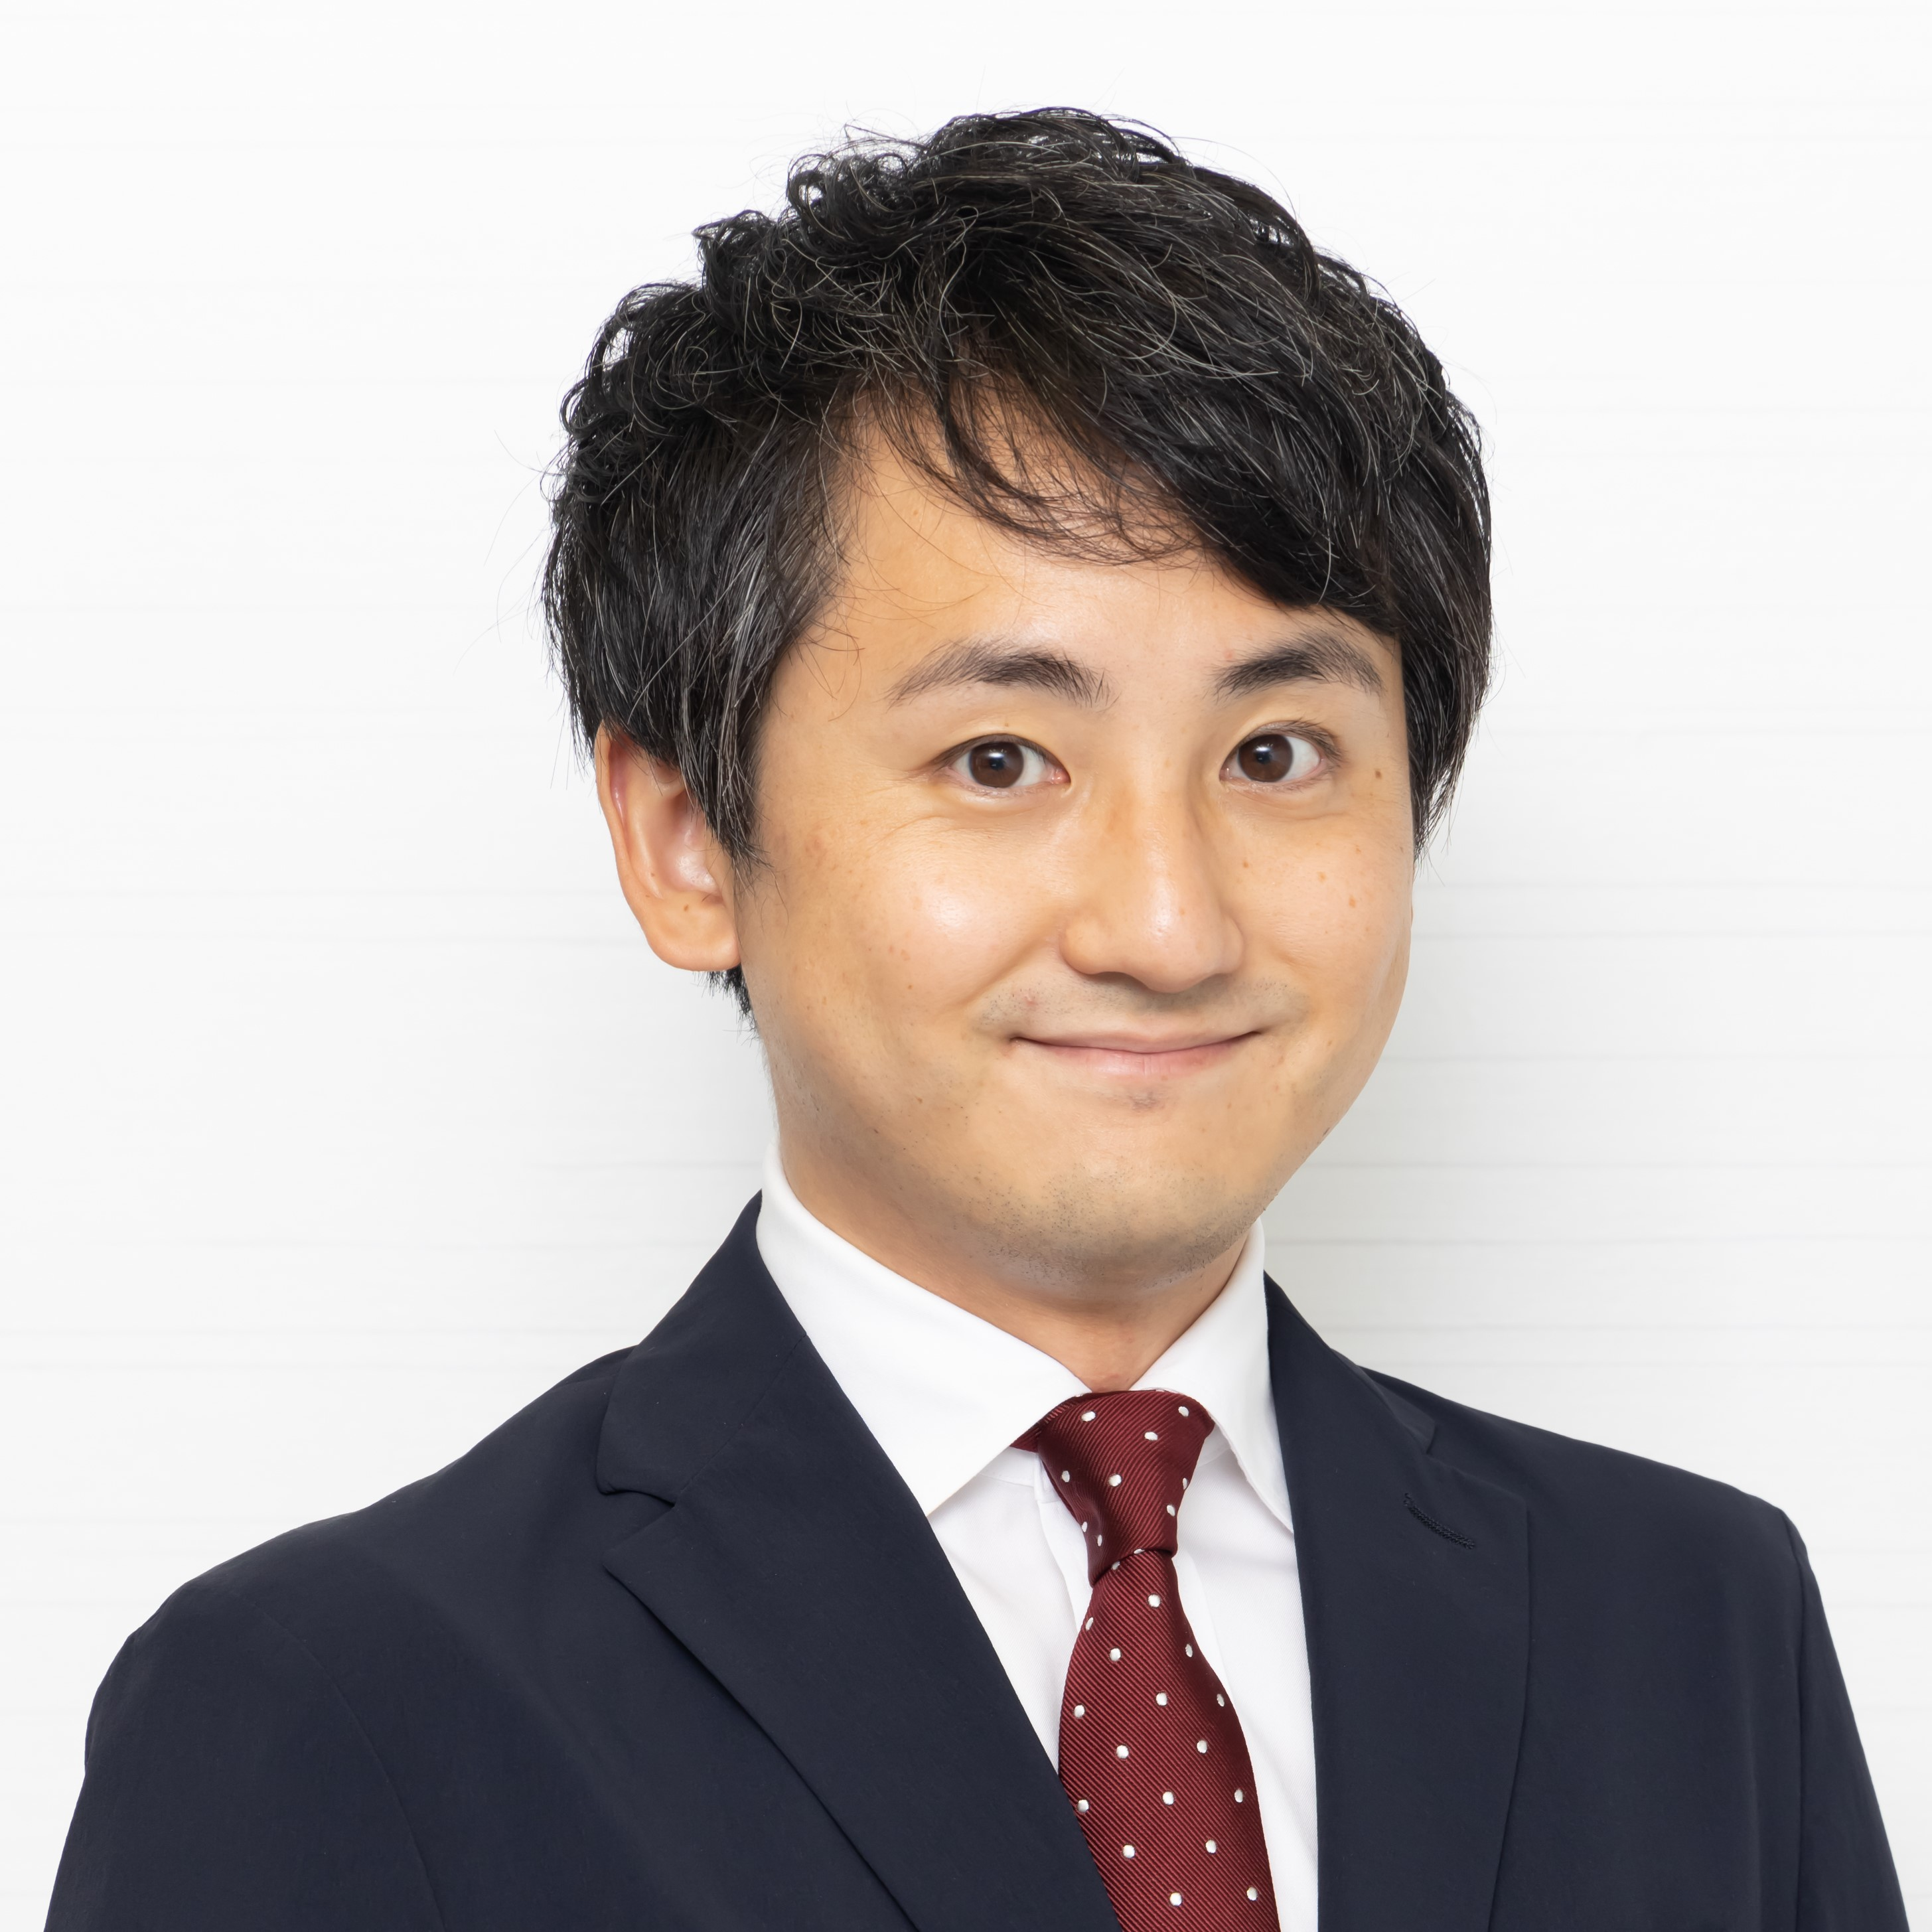 山田 洋輔